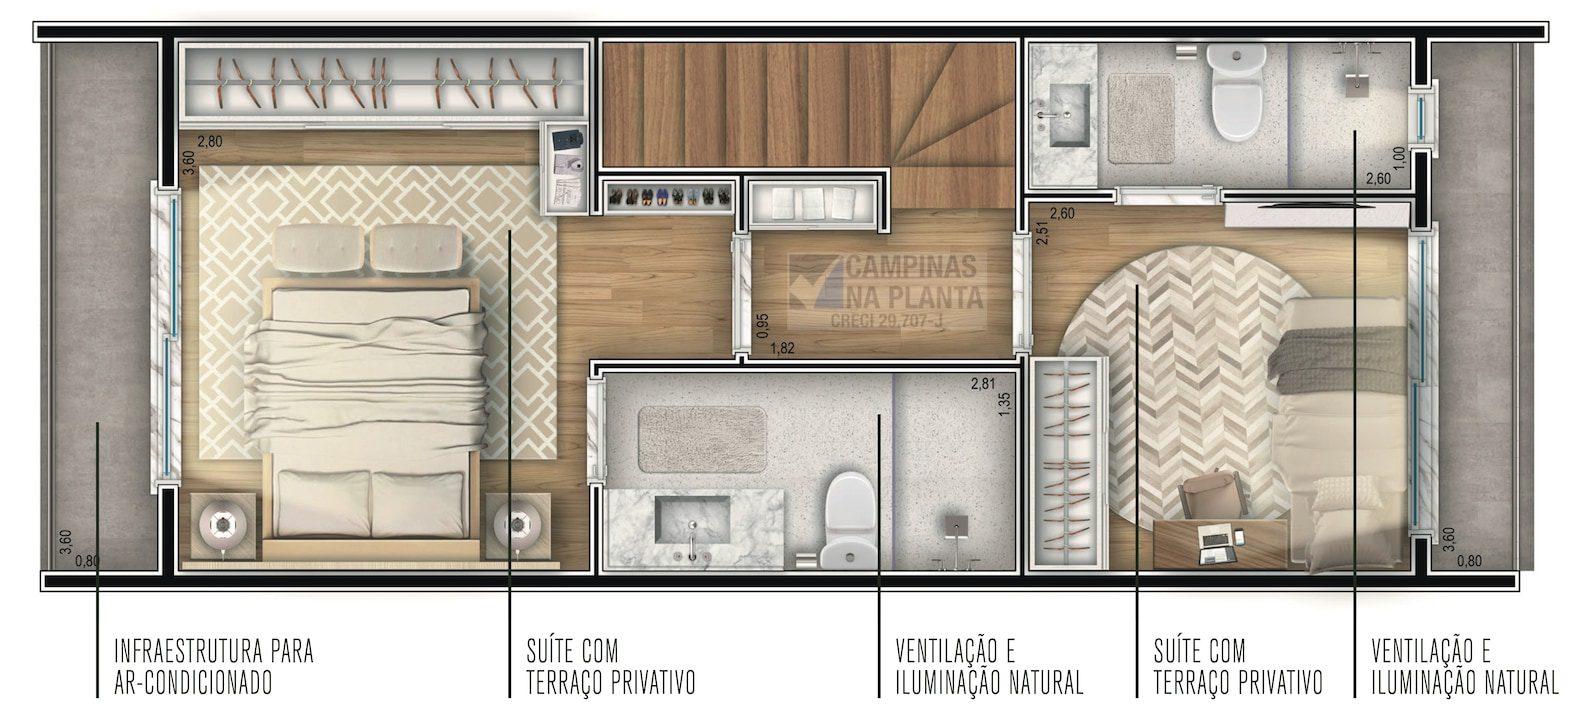 planta do pavimento superior das casas do green view